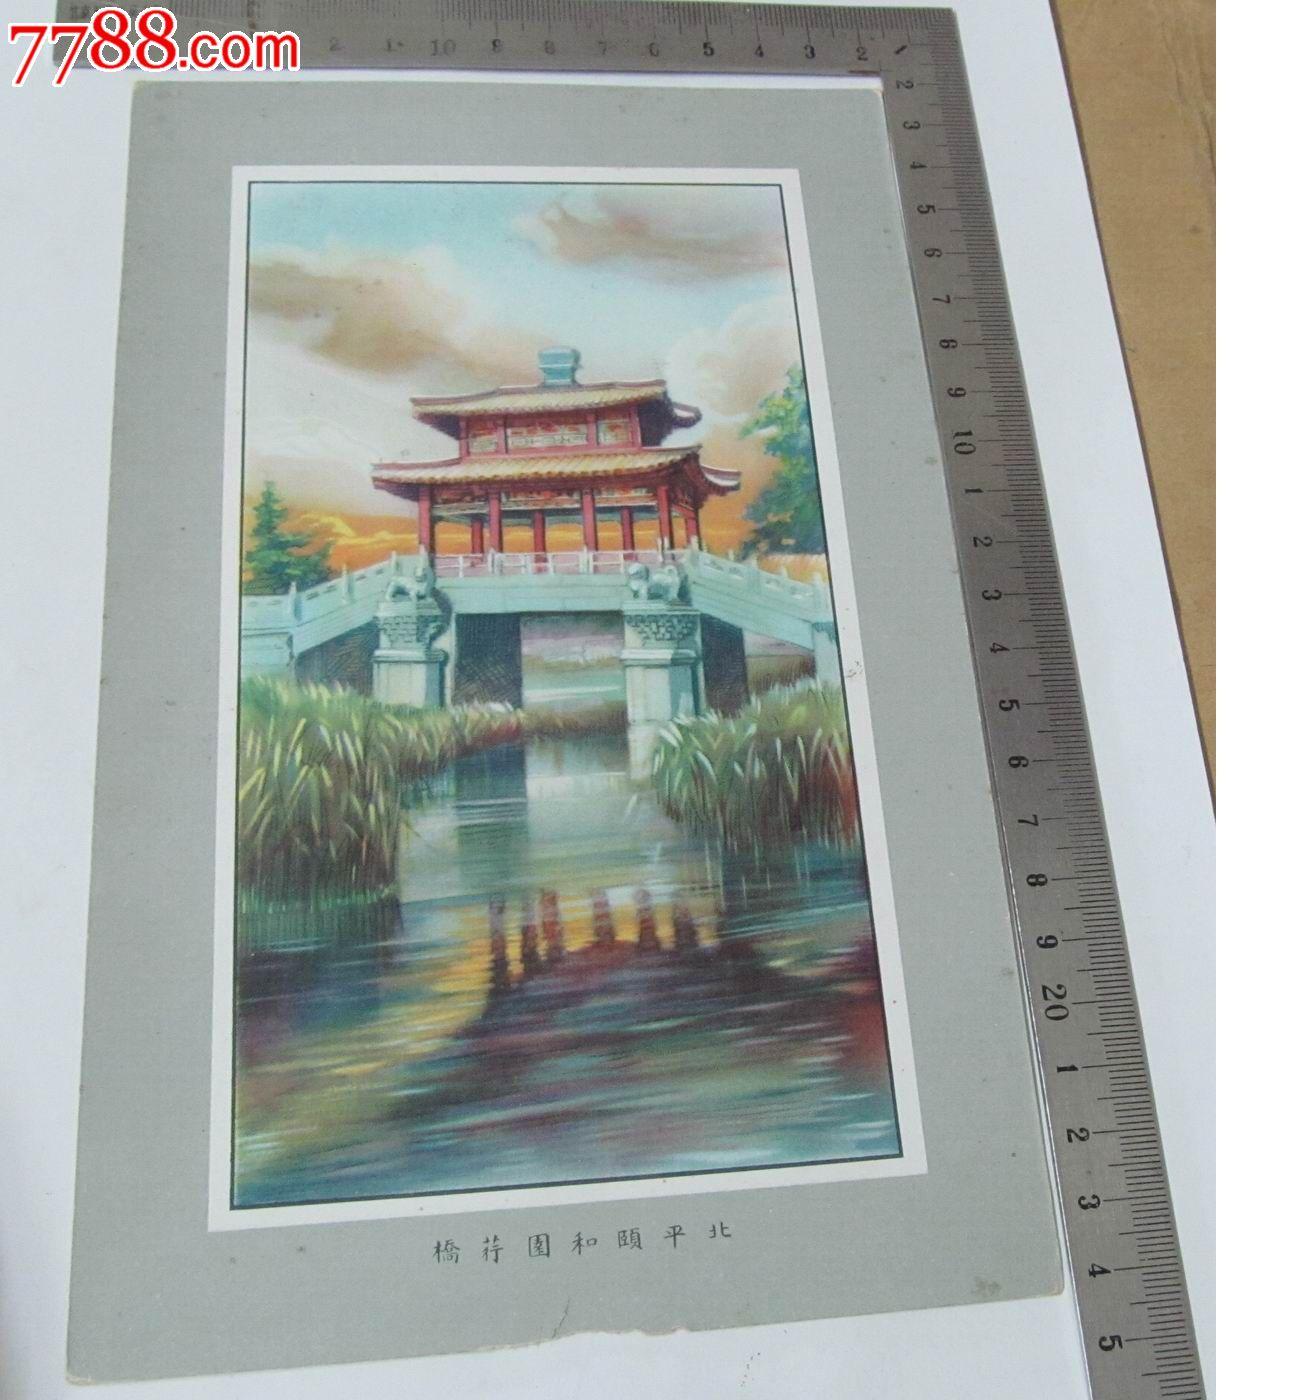 民国烟卡广告画风景《北平颐和园行桥》